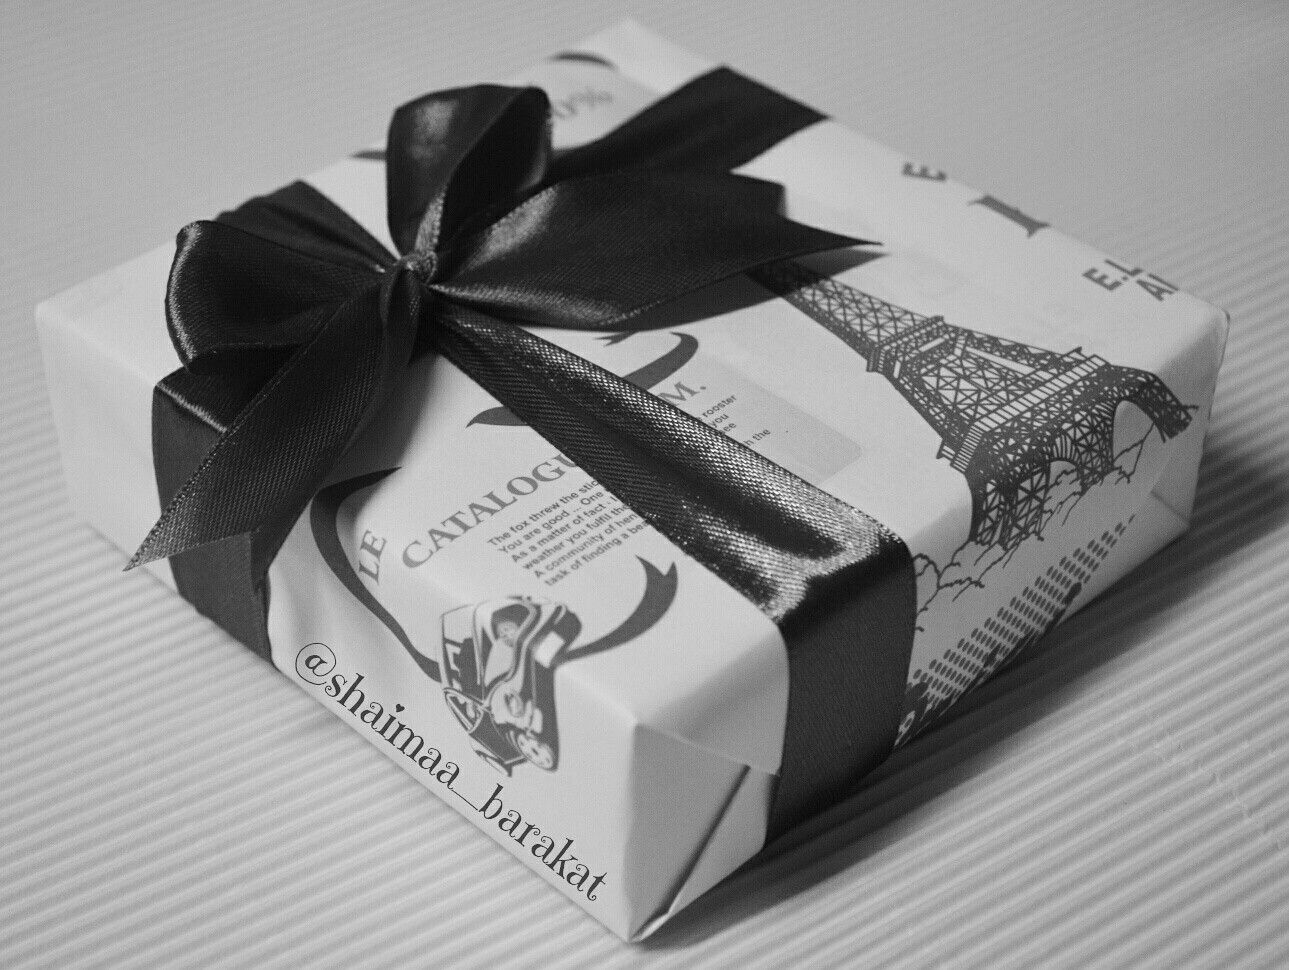 لاتنظر إلى أخطائك باعتبارها حالات فشل بل اعتبرها فرصا للتعلم تصويري Diy Father S Day Gift Baskets Fathers Day Gift Basket Diy Father S Day Gifts